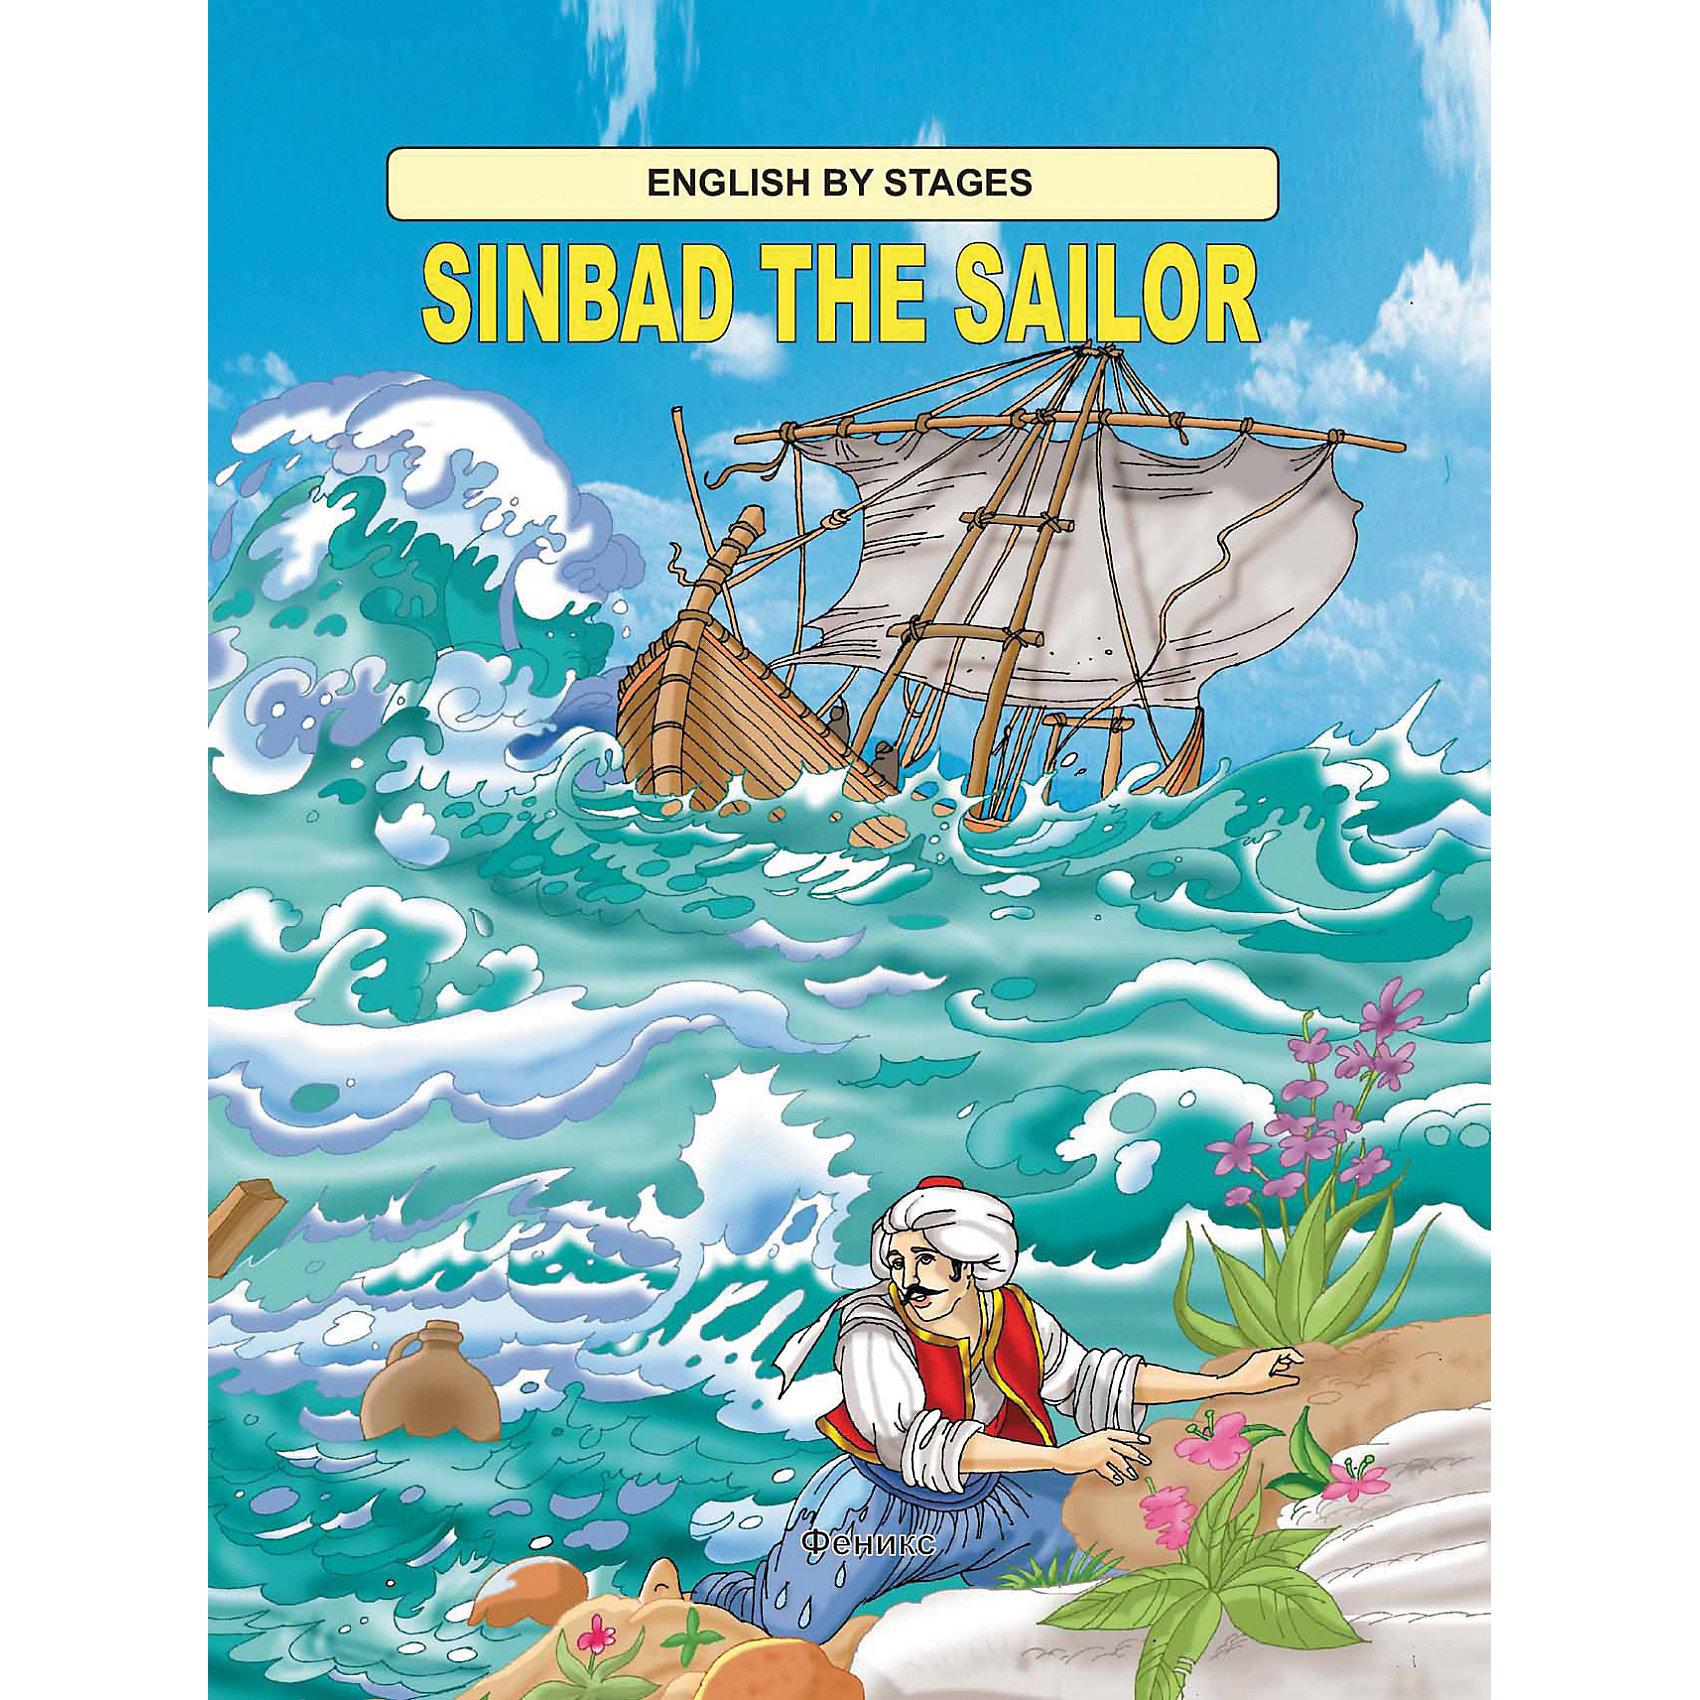 Сказка на английском Sinbad the SailorЛюбимая детская сказка с яркими иллюстрациями для  чтения на английском языке . <br>Адресуется дошкольникам  и младшим школьникам, изучающим английский язык.<br><br>Ширина мм: 280<br>Глубина мм: 214<br>Высота мм: 1<br>Вес г: 66<br>Возраст от месяцев: 72<br>Возраст до месяцев: 120<br>Пол: Унисекс<br>Возраст: Детский<br>SKU: 3103069